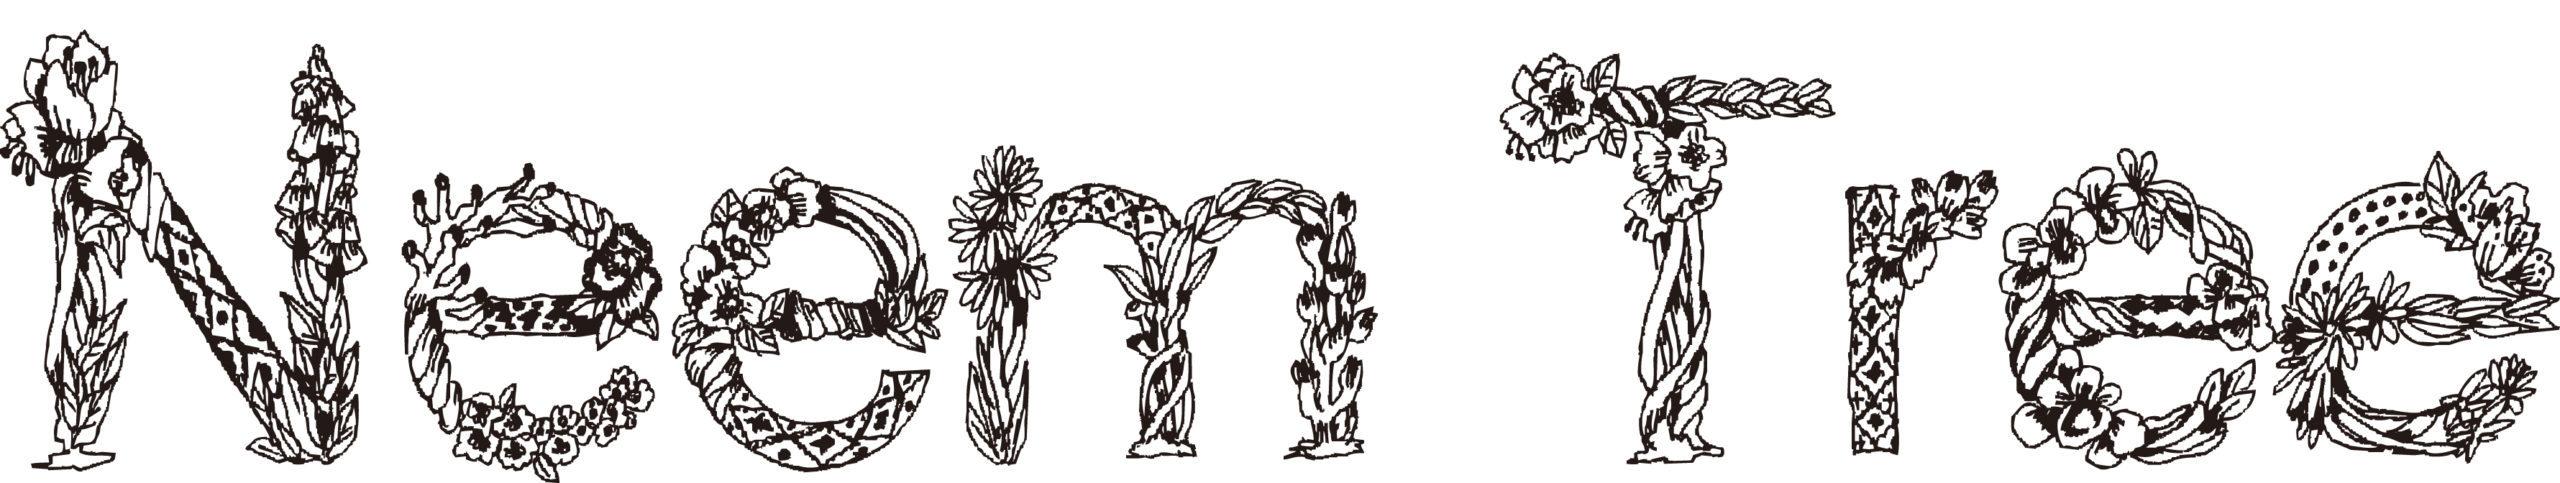 Neem Tree(ニームツリー)  |  編集プロダクション